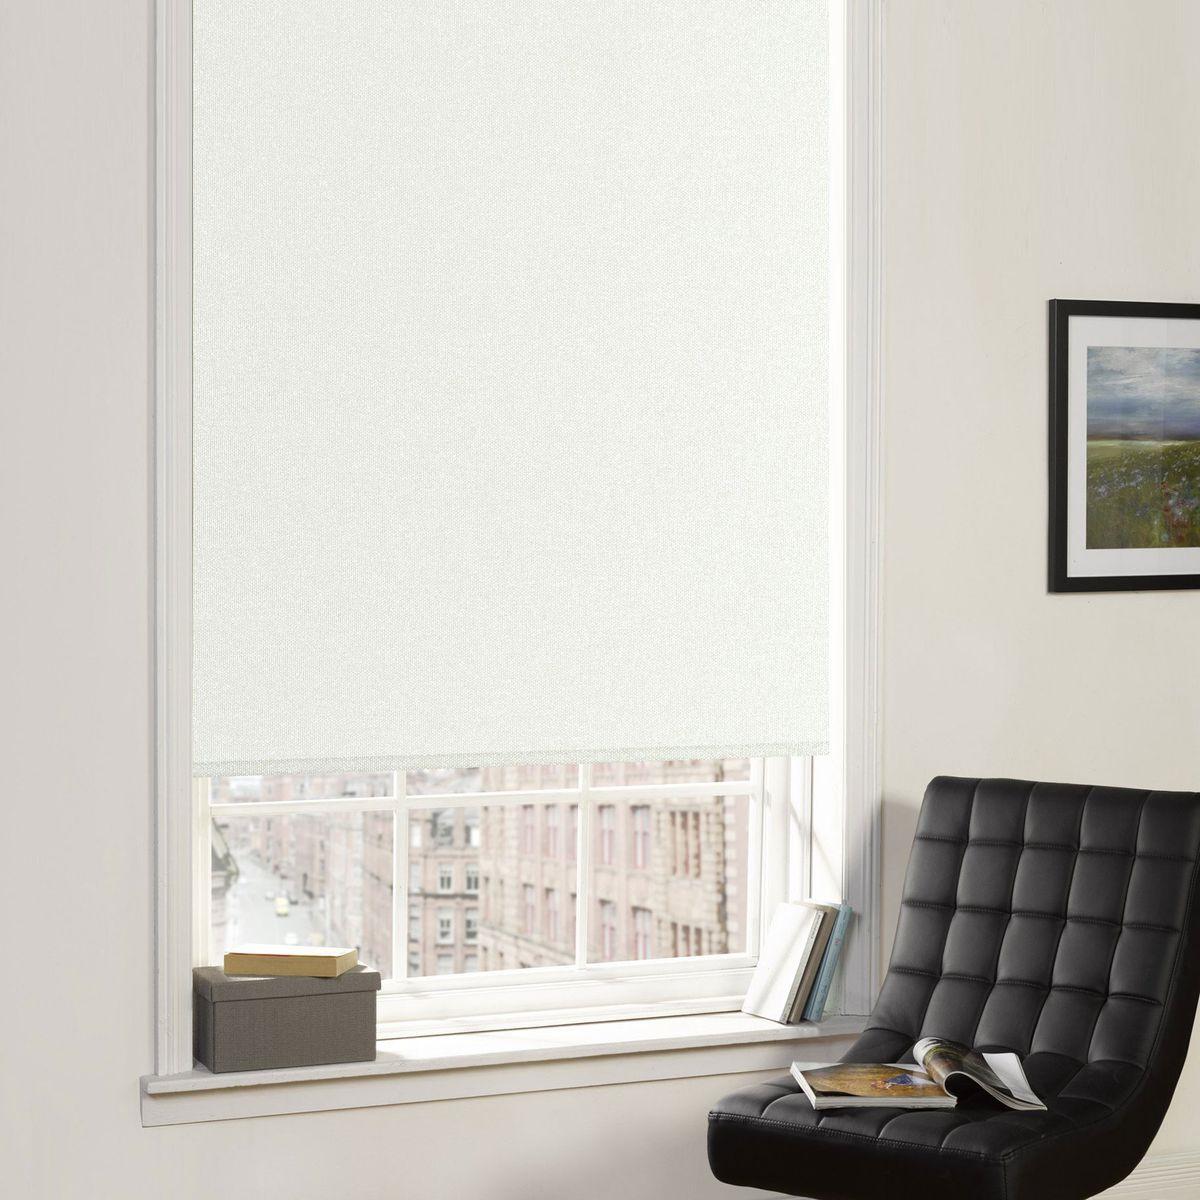 Рулонные шторы Garden (Текстиль) Blackout, Ширина60 см, Однотонный